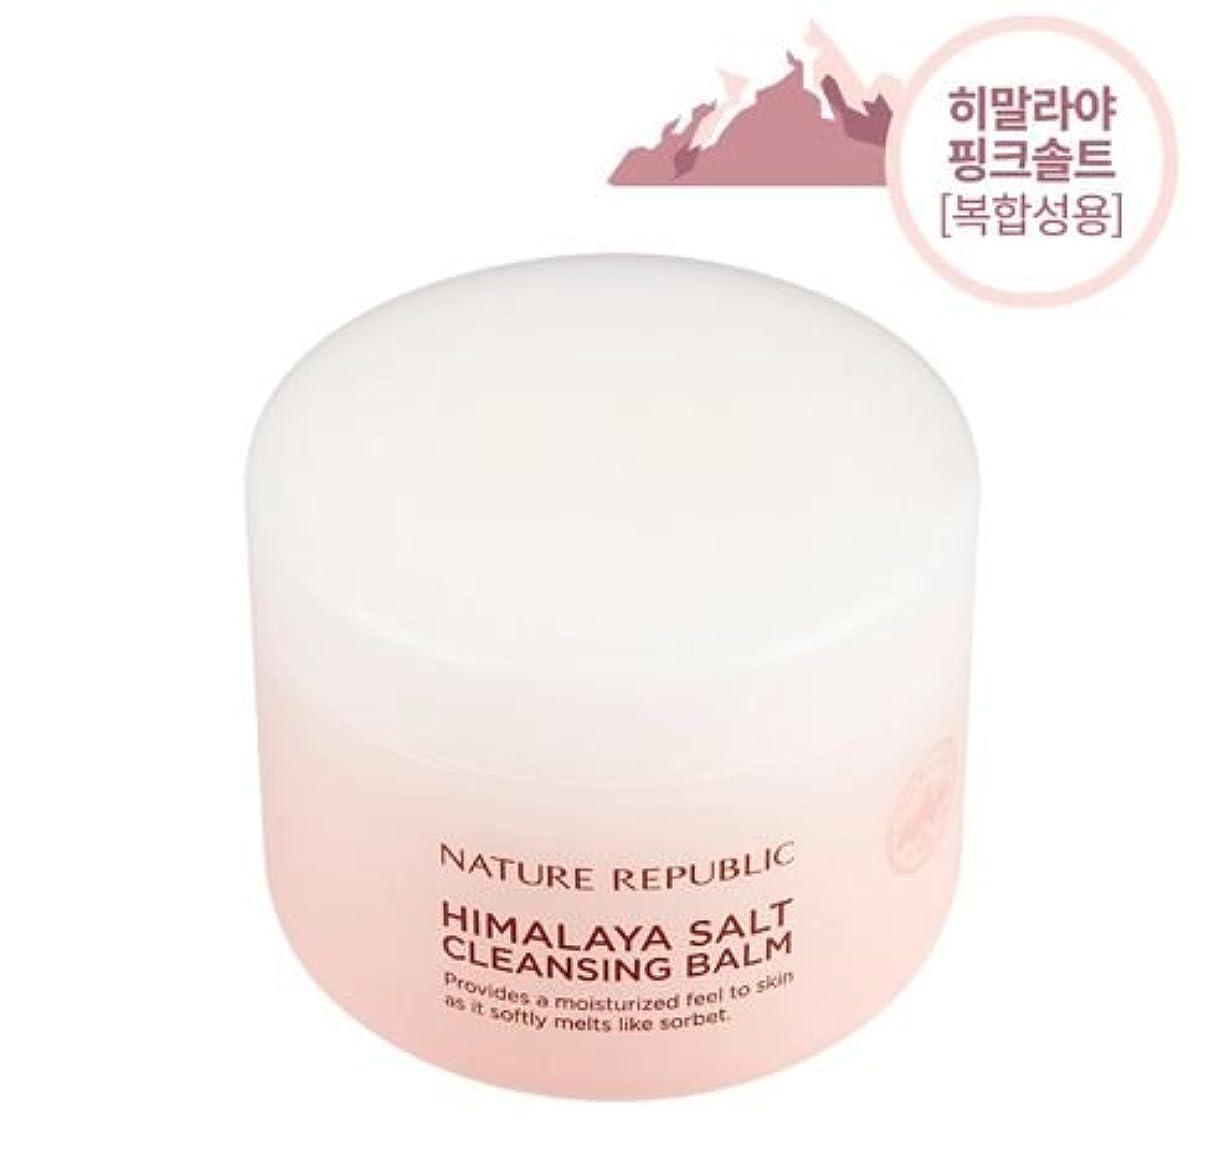 私たちのもの本物の喜んでHimalaya salt cleansing balm (PINK SALT)ヒマラヤソルトクレンジングバーム(pink salt) [並行輸入品]